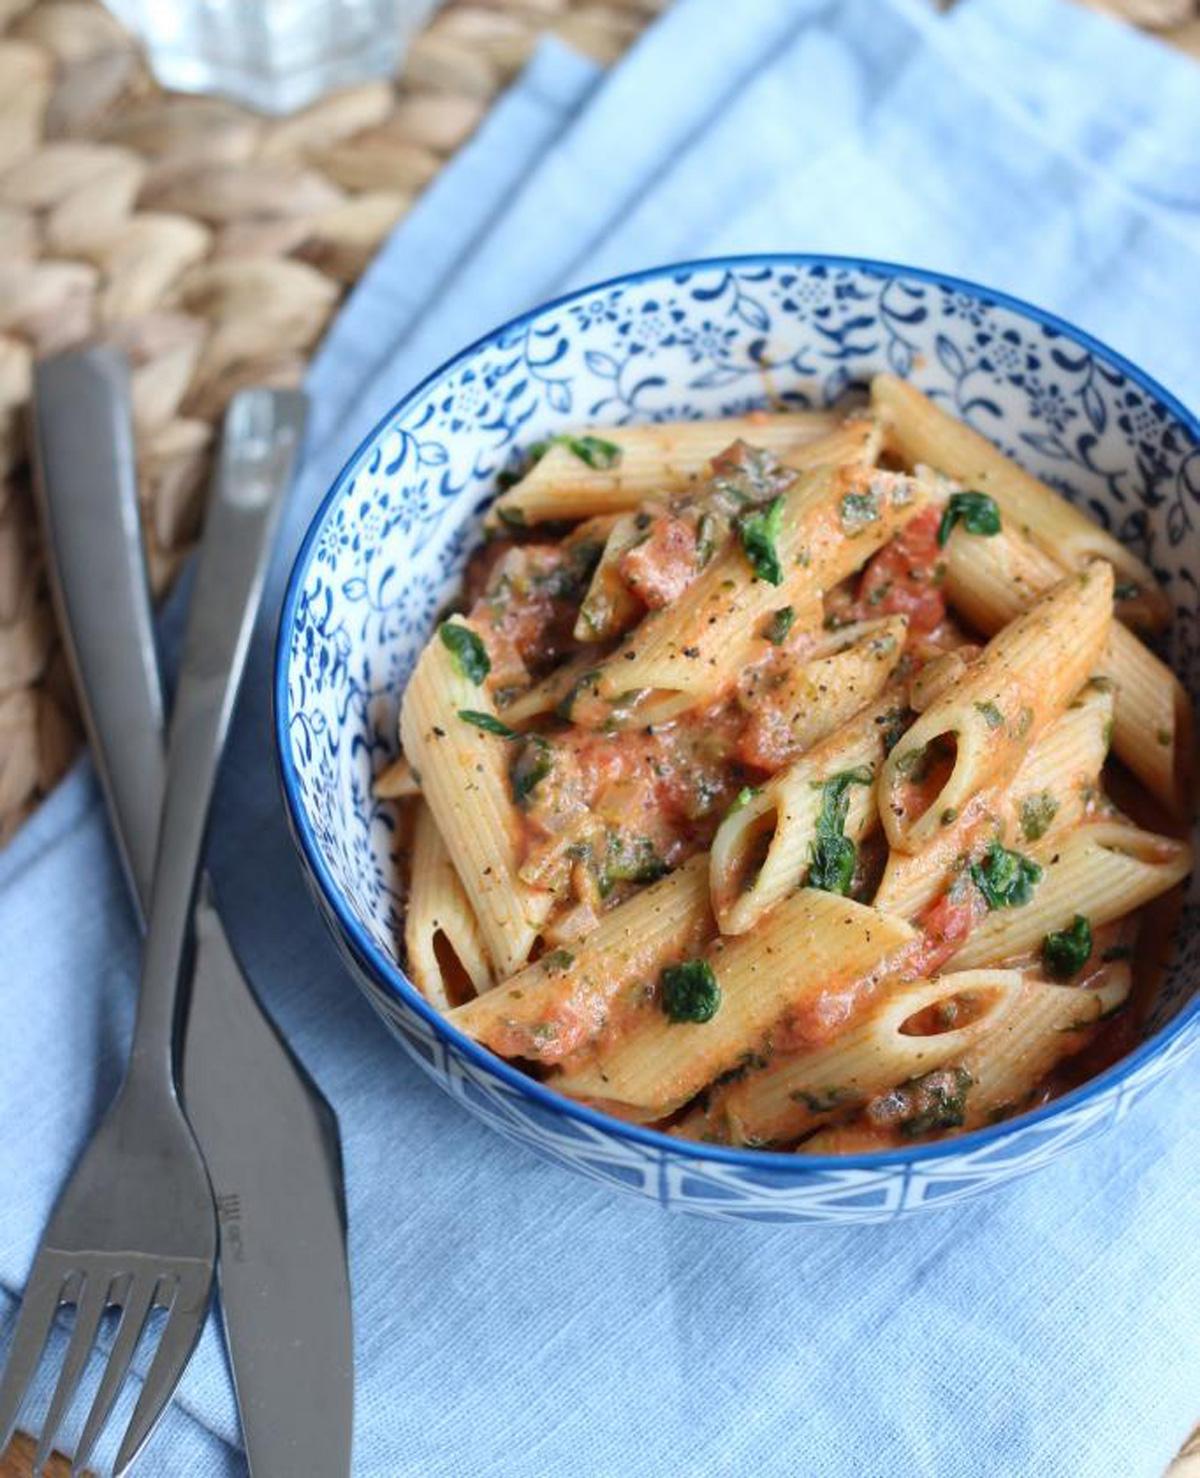 Snel pastarecept met tomaat en spinazie